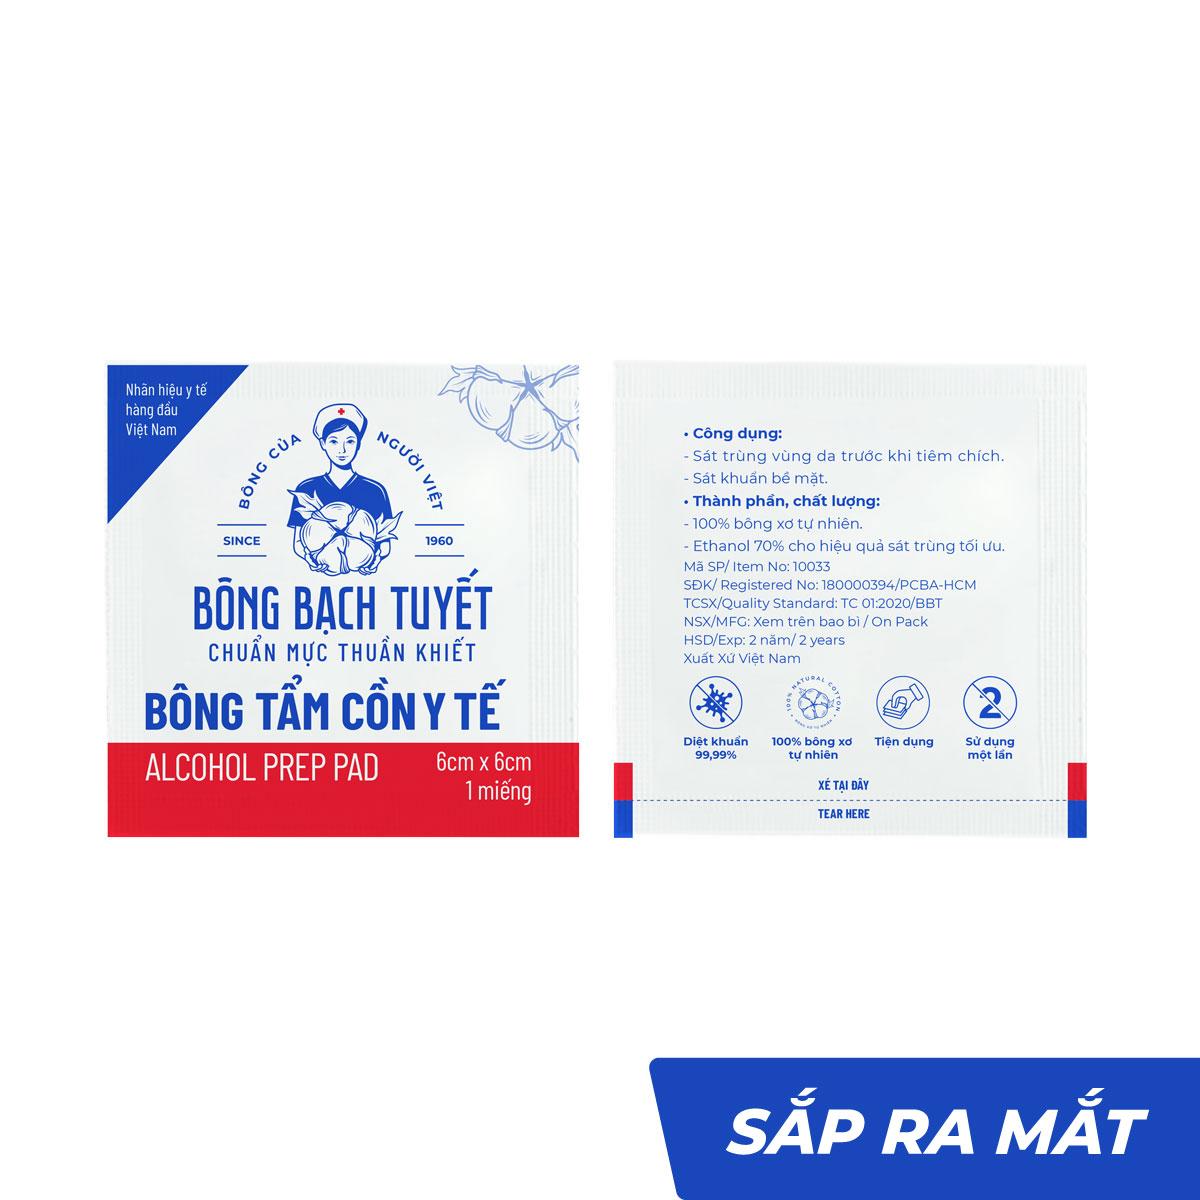 Bông tẩm cồn y tế 6cmx6cm tiệt trùng thấm nước tốt - Bông Bạch Tuyết